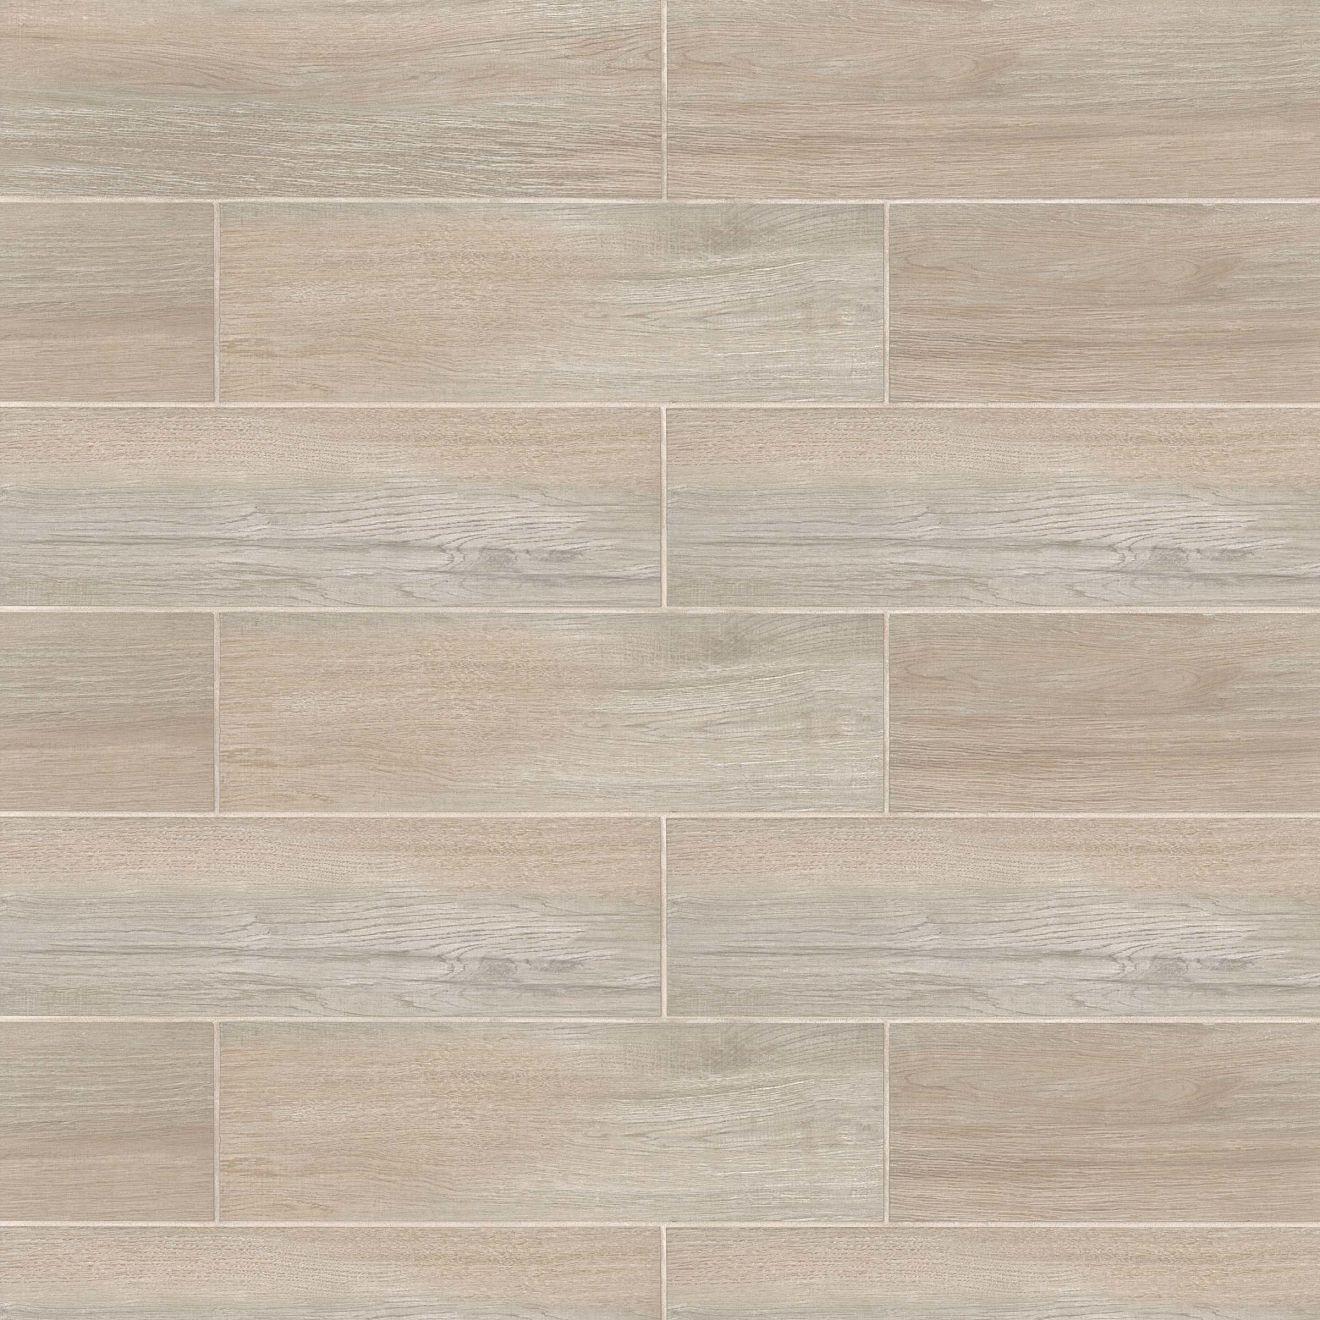 """Balboa 7"""" x 24"""" Floor & Wall Tile in Beige"""